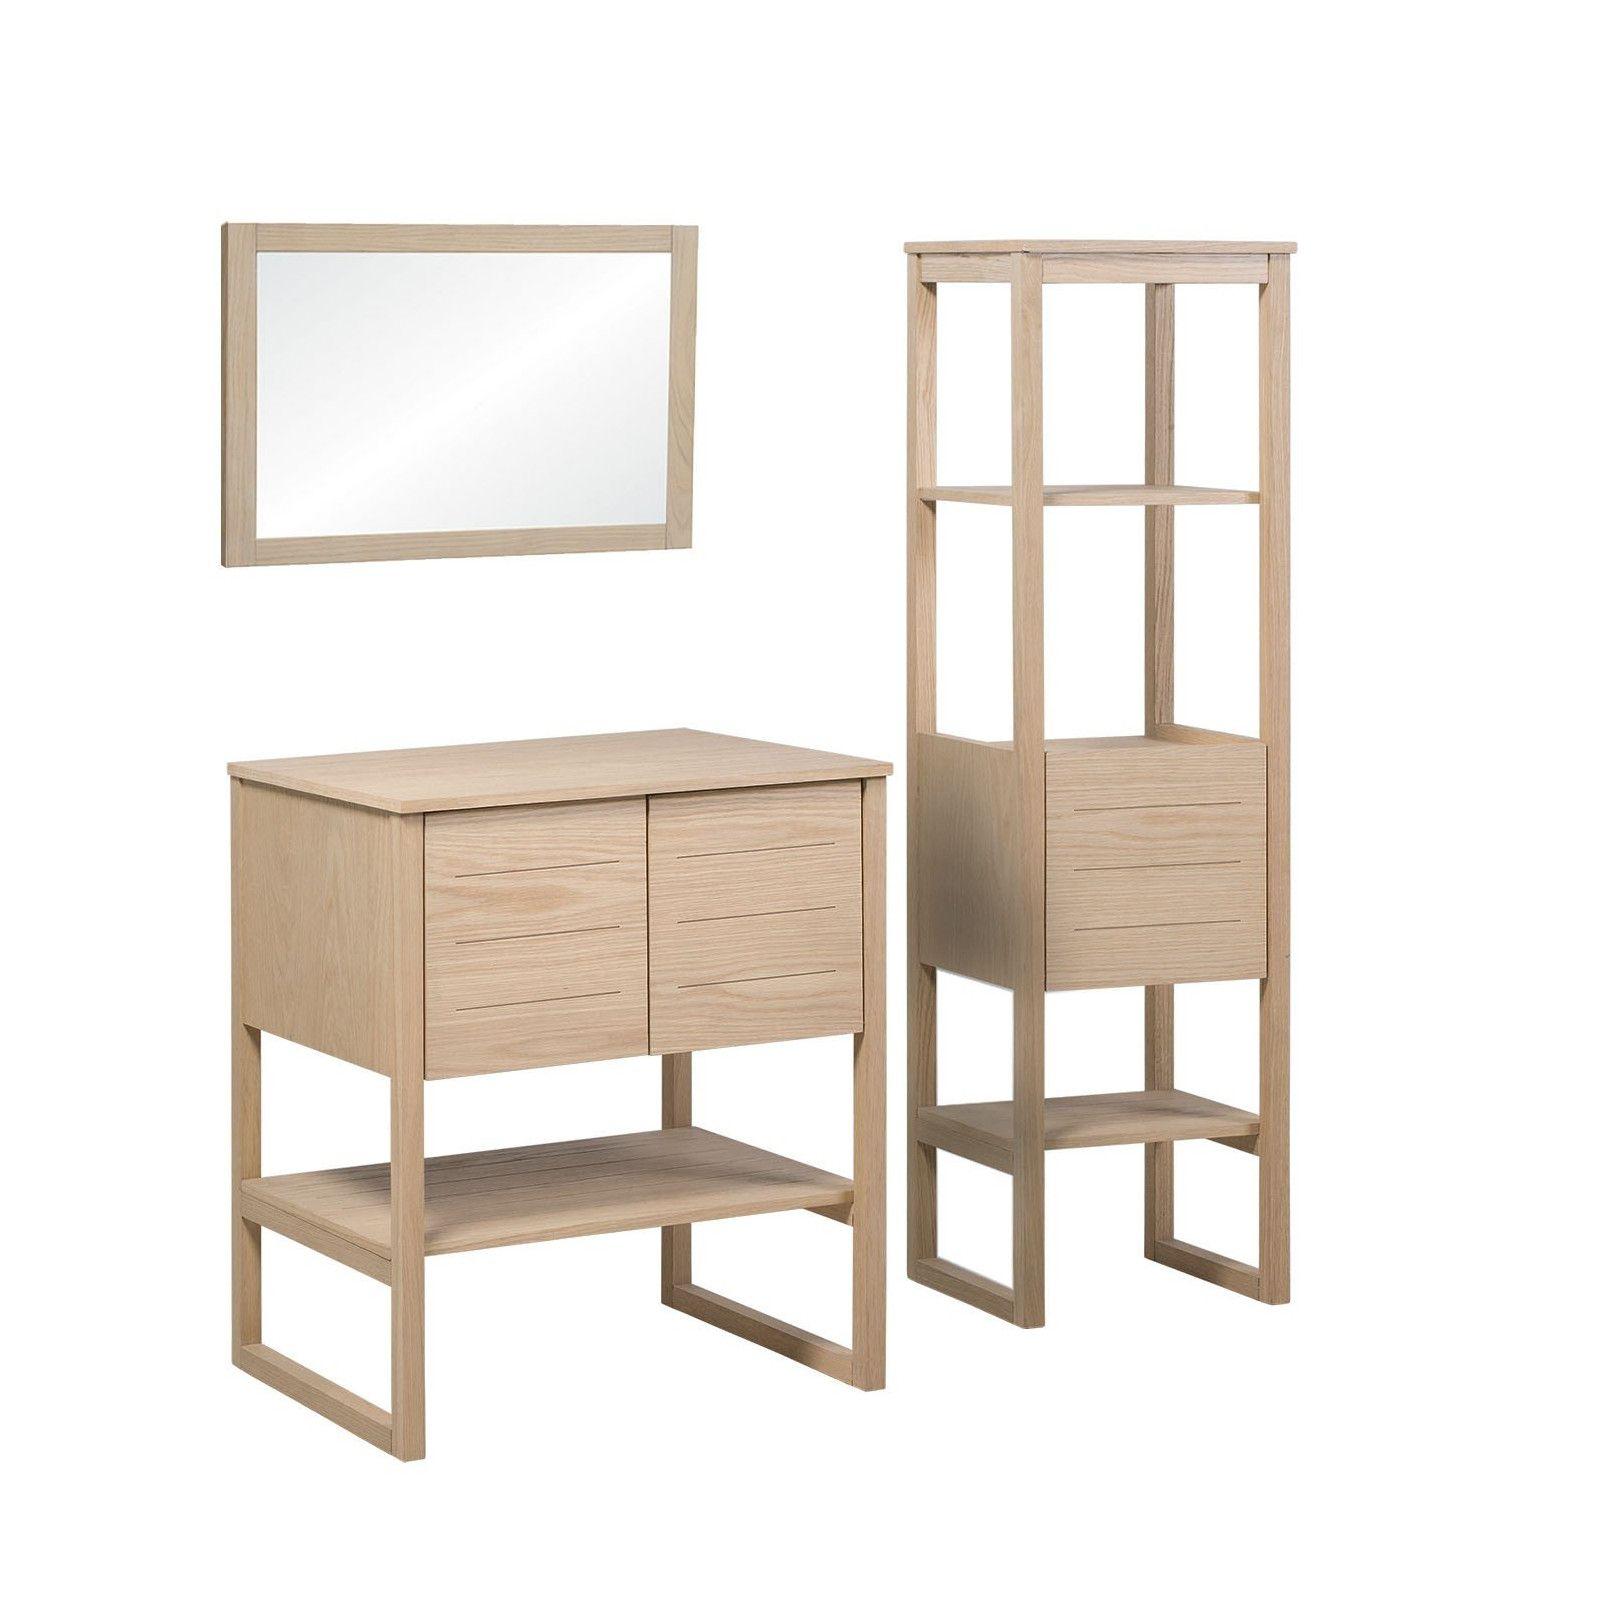 Meuble de salle de bain avec colonne et miroir effet bois clair